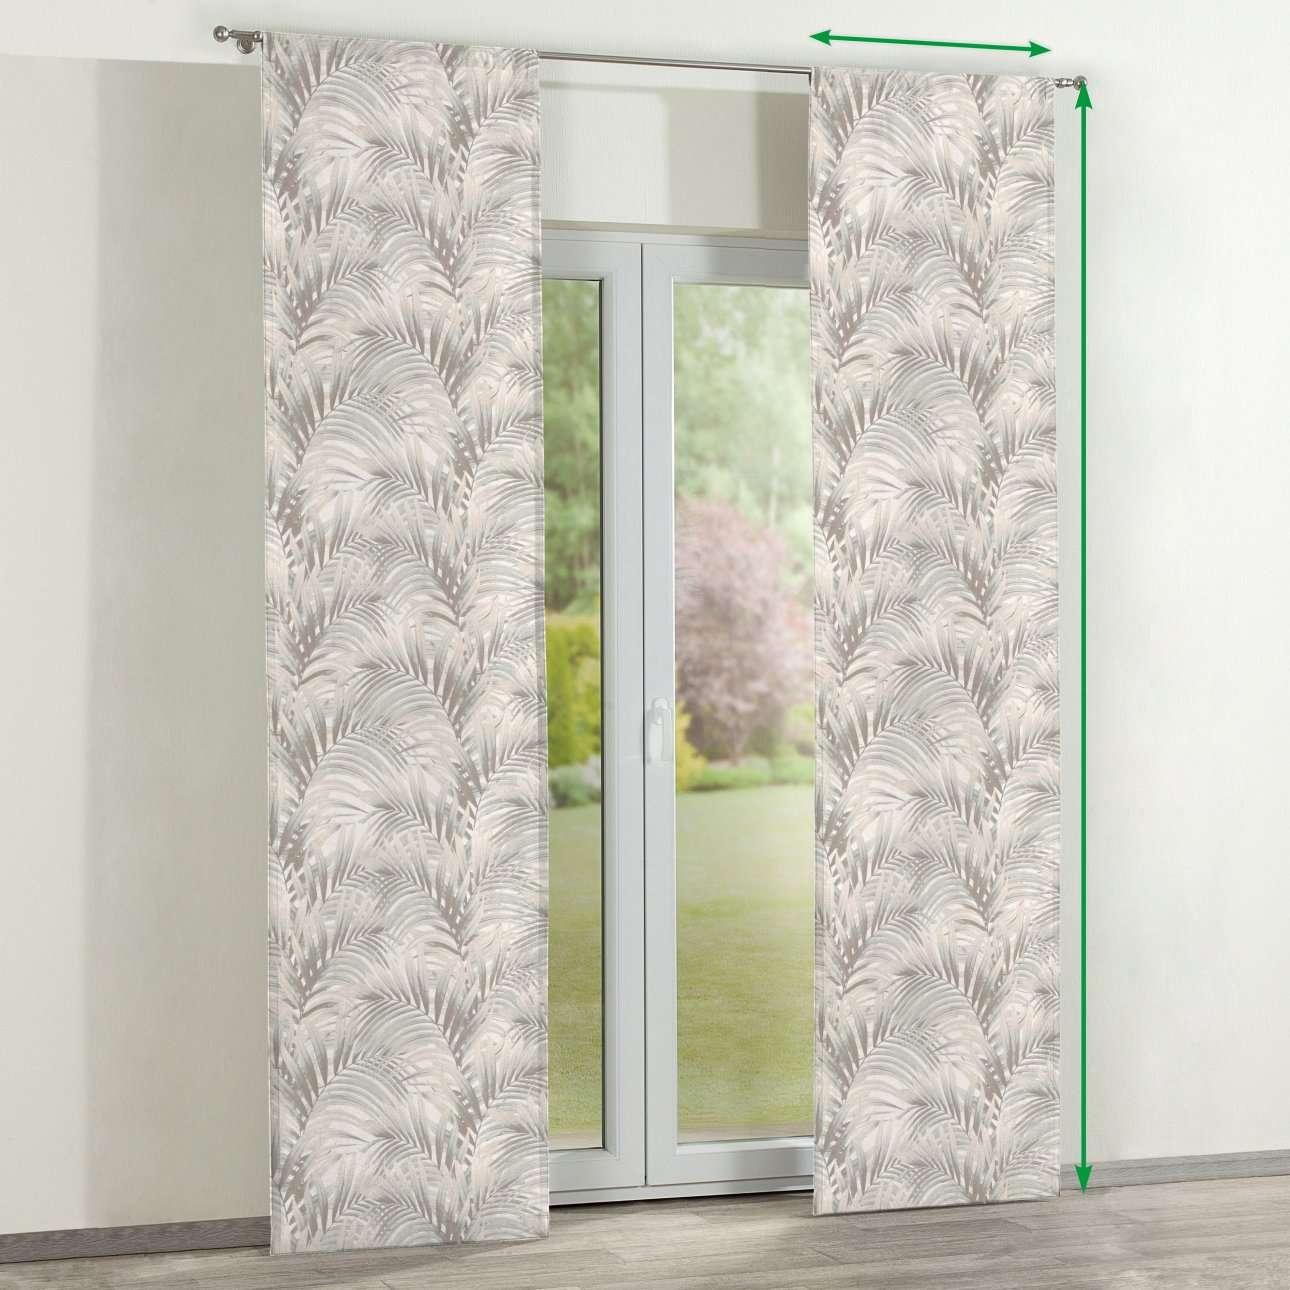 Panelové závesy 2 ks V kolekcii Gardenia, tkanina: 142-14